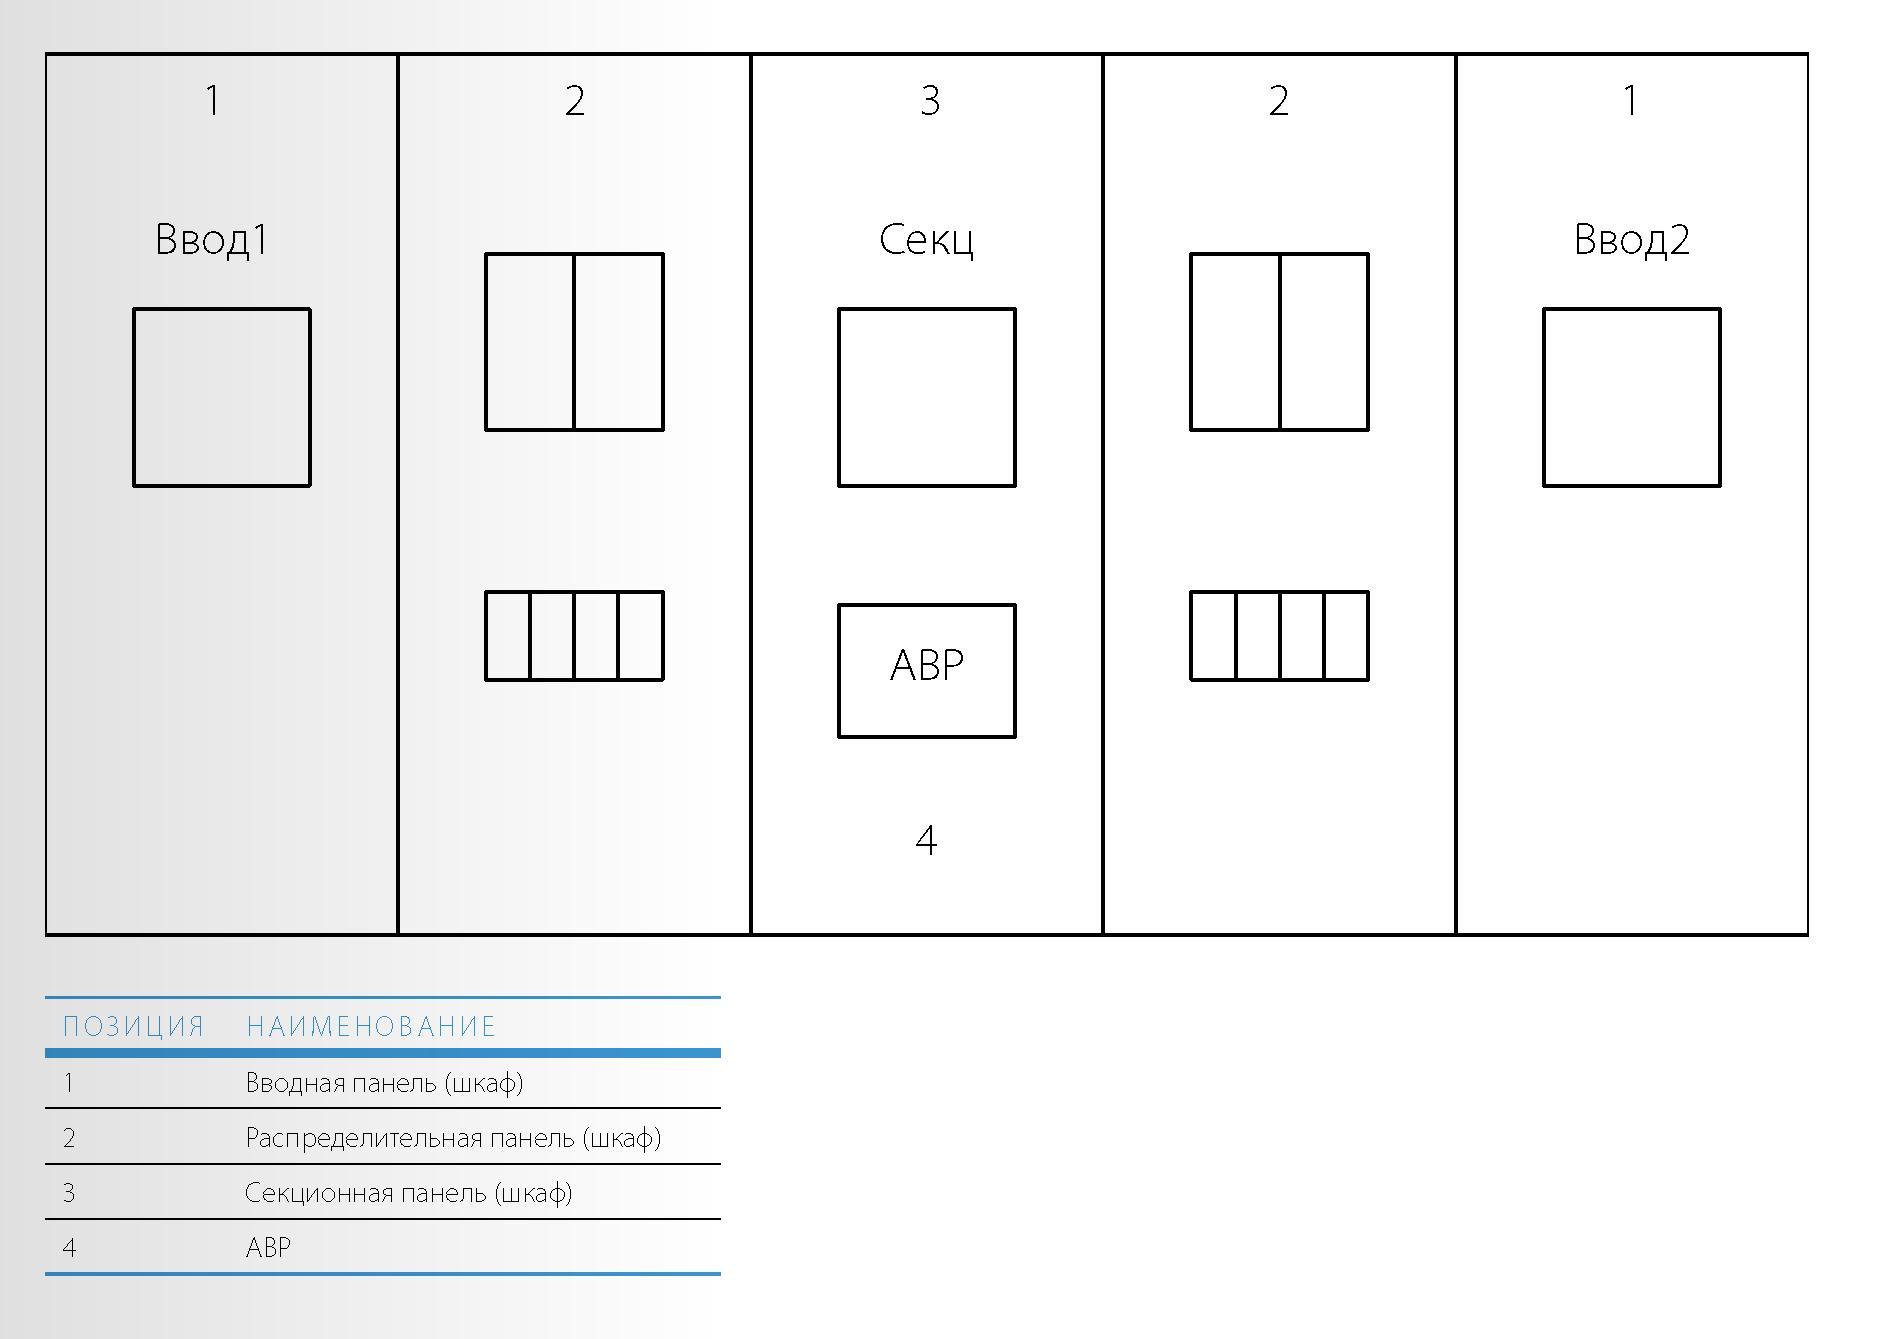 Электрическая схема грщ судов